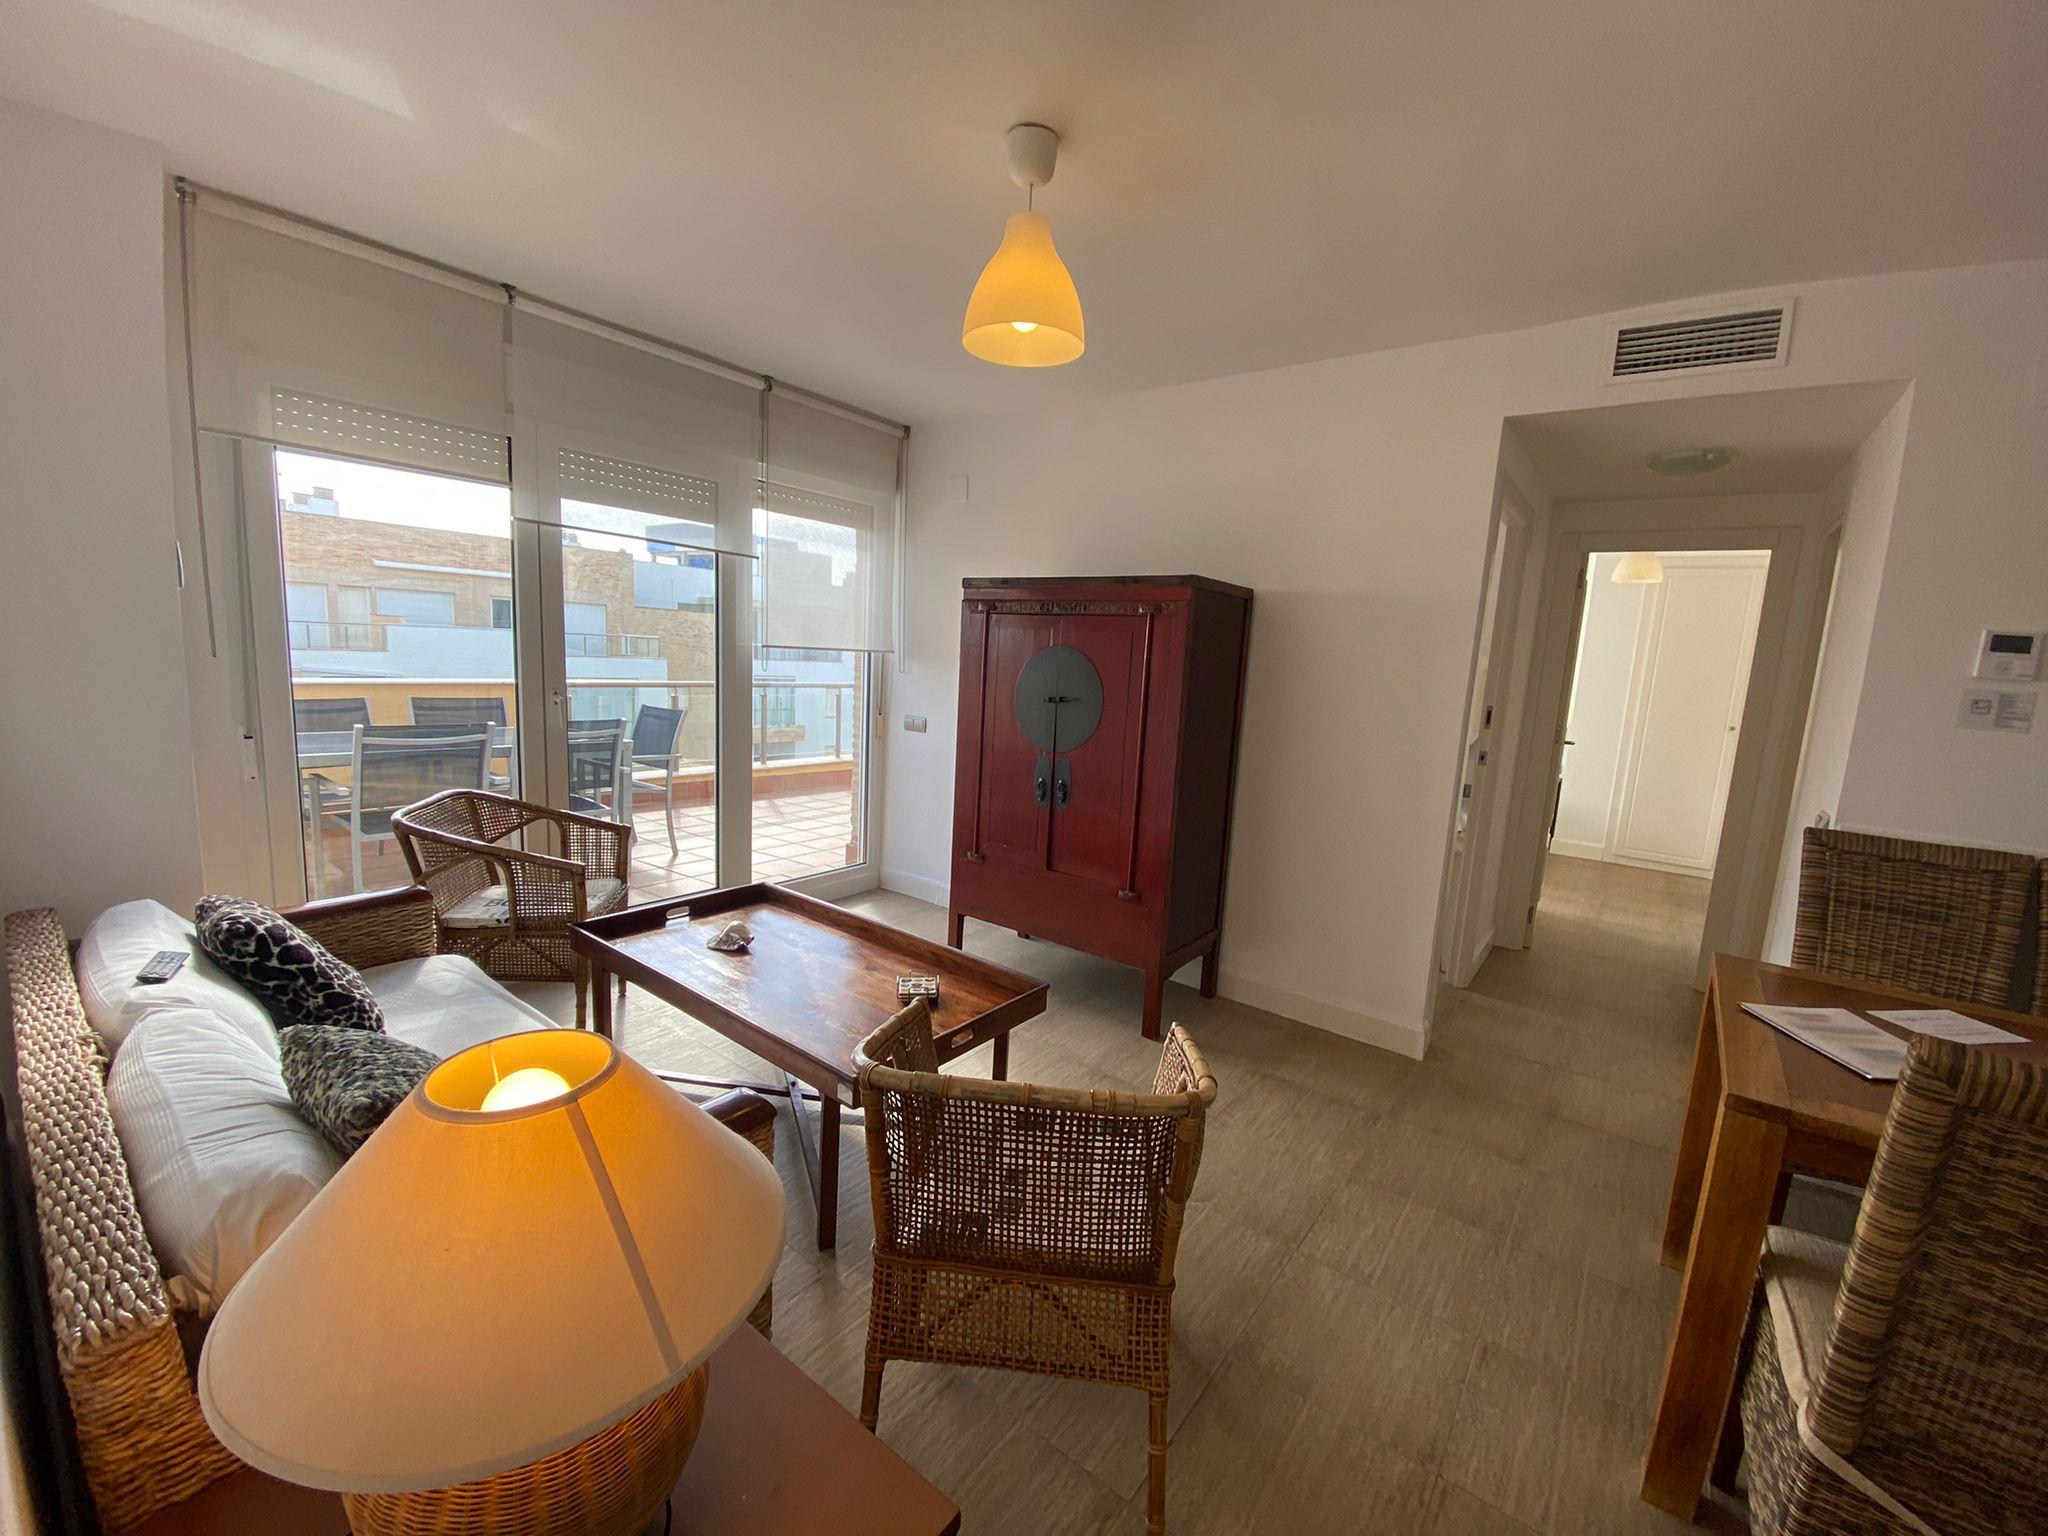 Imagen 14 del Apartamento Turístico, Ático 7 Central (3d+2b), Punta del Moral (HUELVA), Paseo de la Cruz nº22